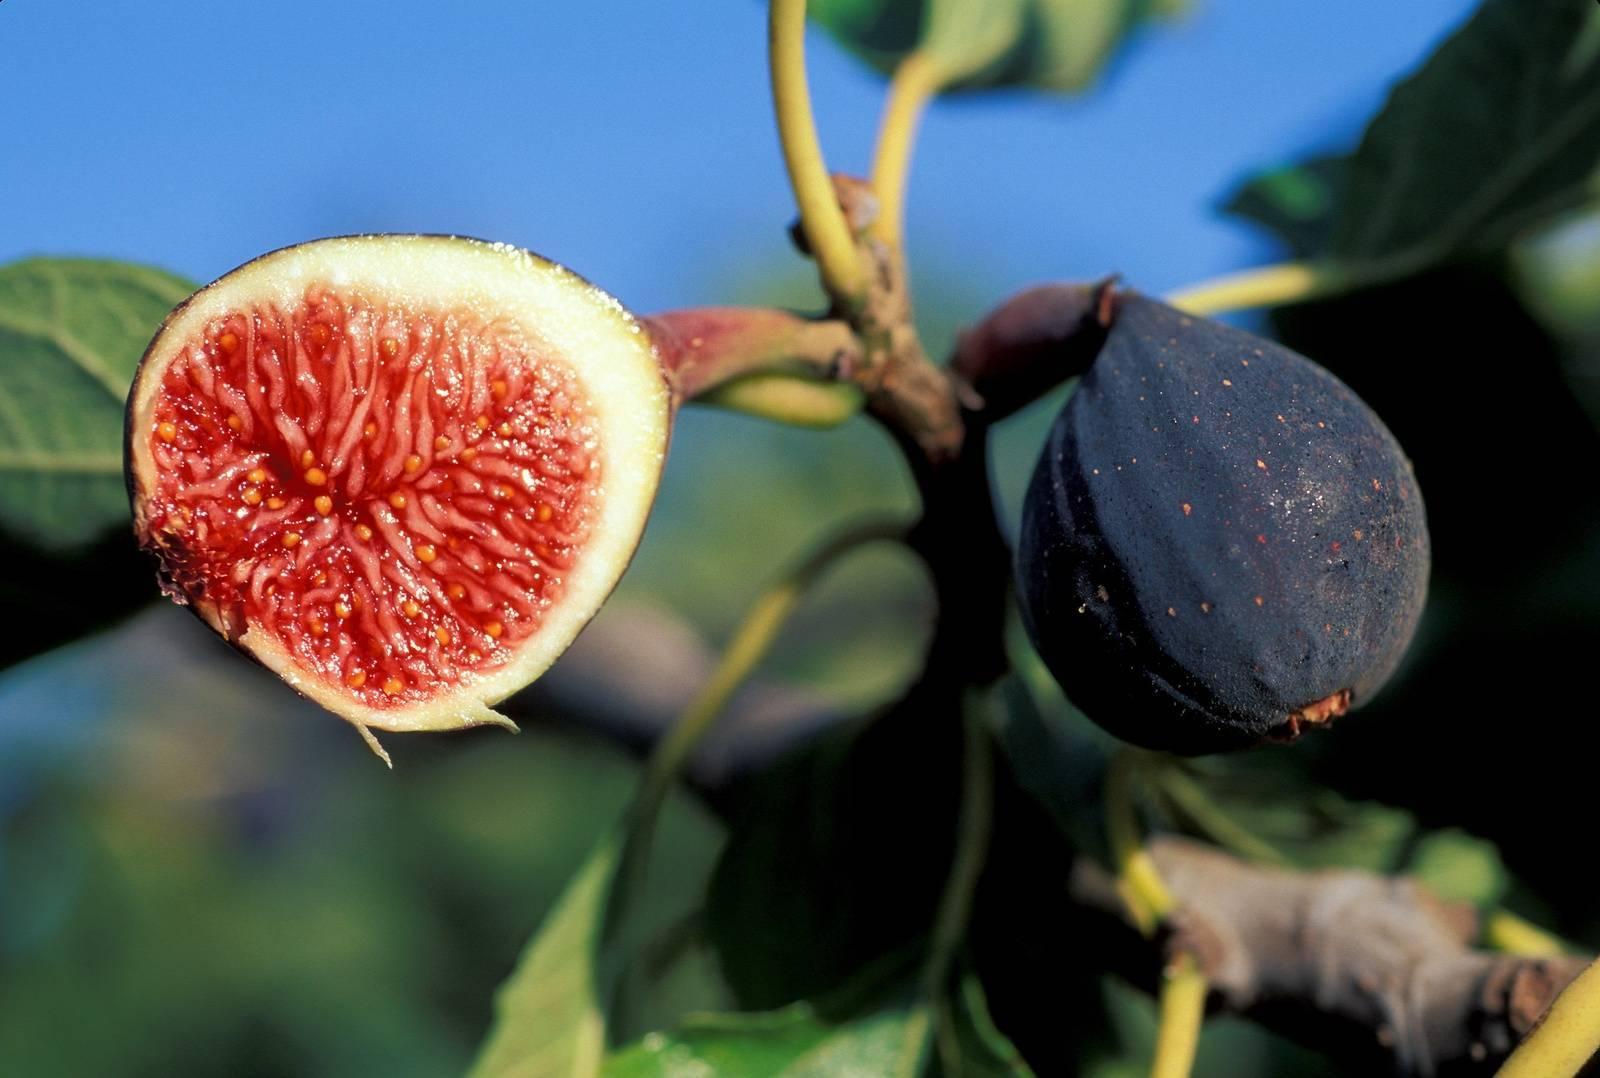 Инжир дерево или кустарник — ягоды грибы